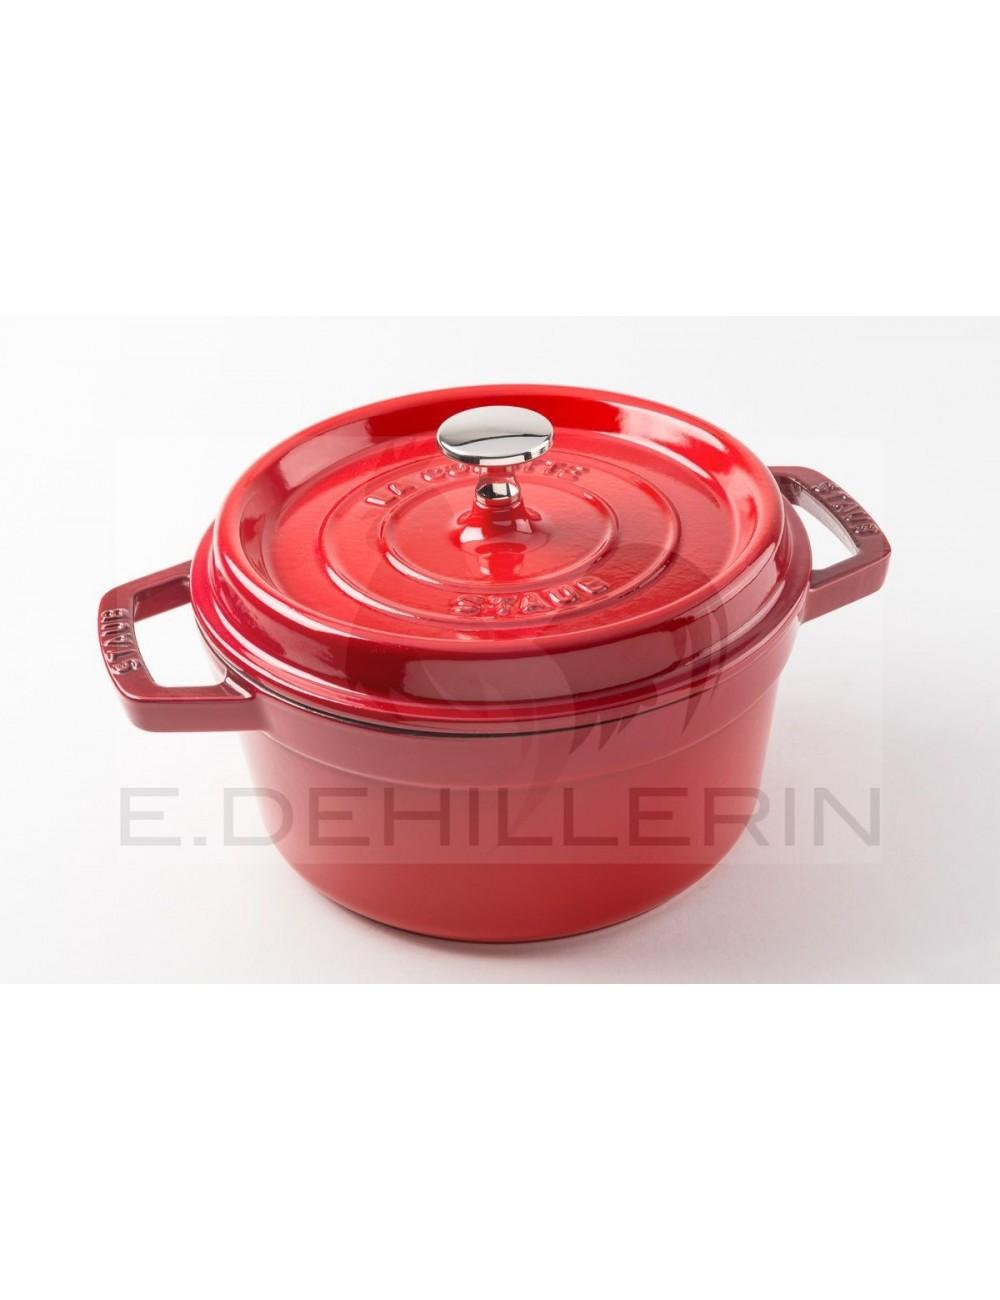 Cocotte fonte ronde rouge staub materiel de cuisson - Cocotte ronde en fonte ...